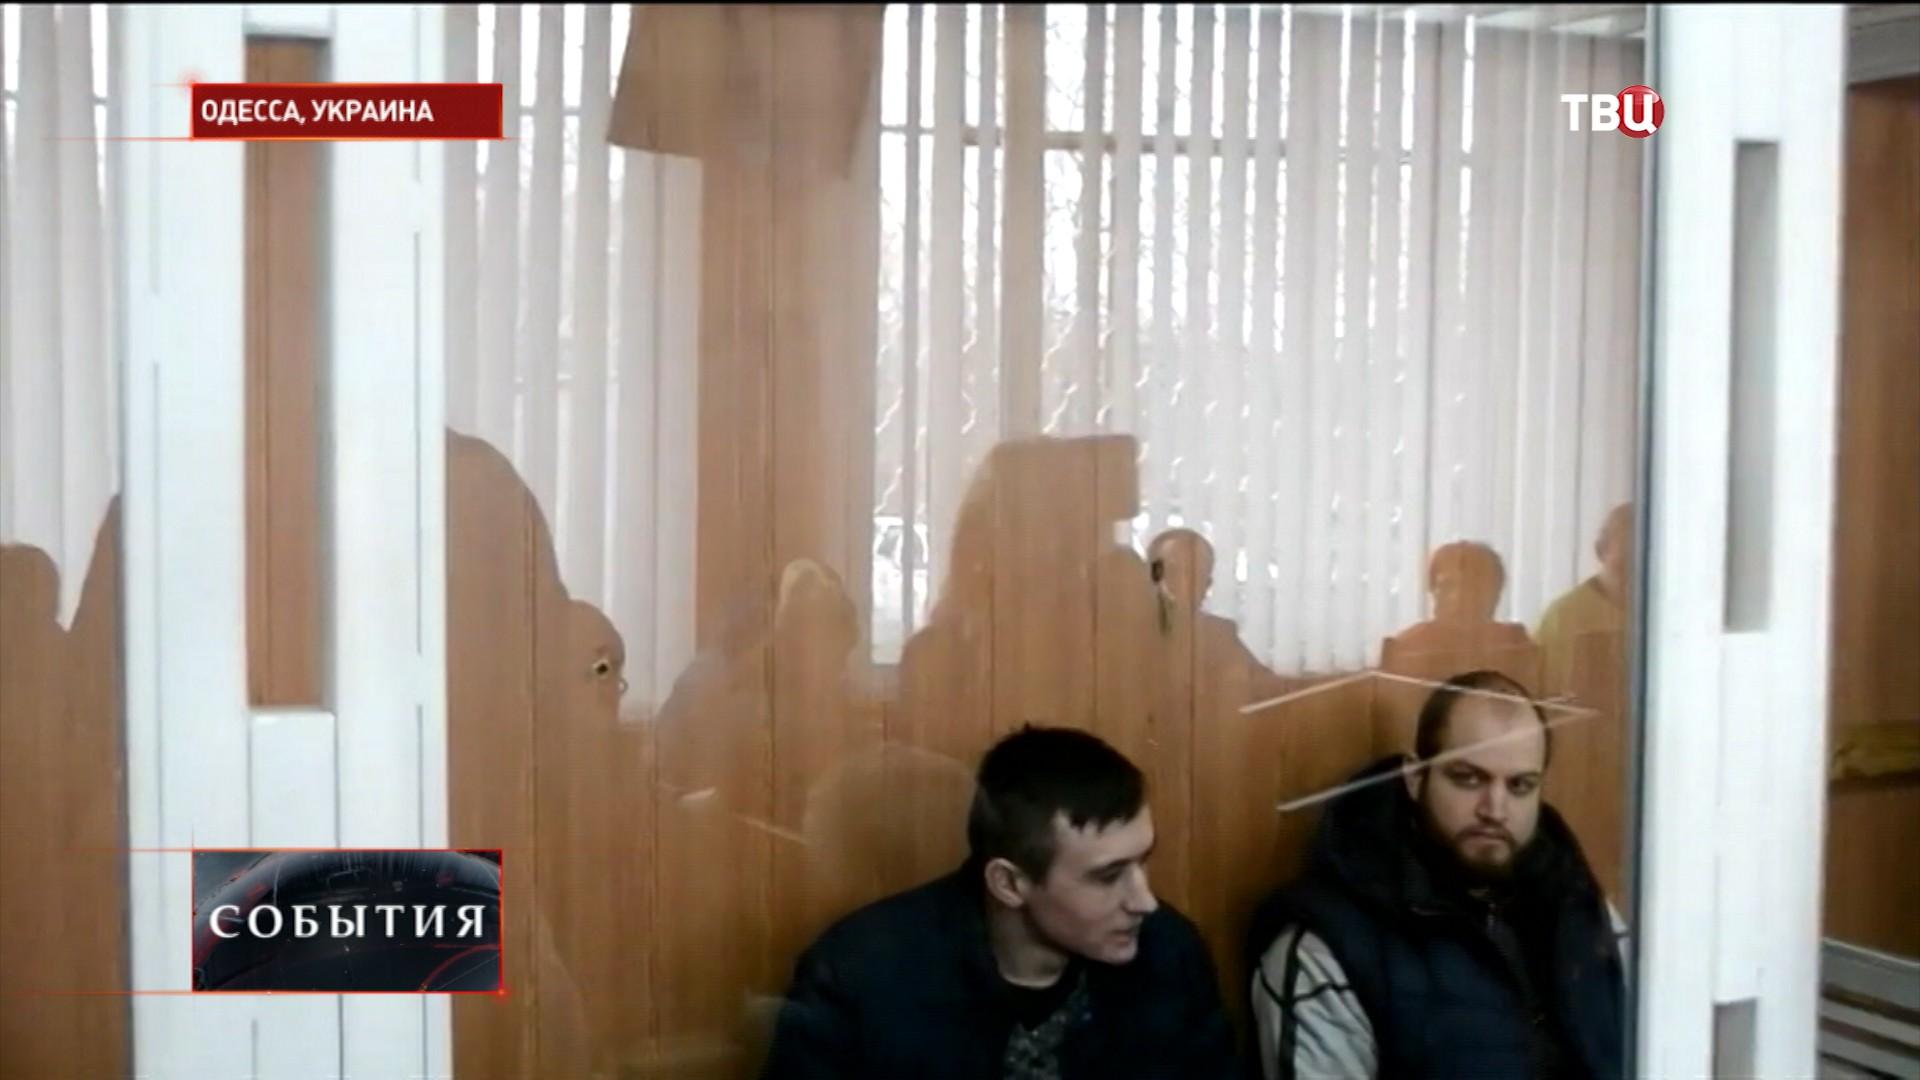 Заседание суда в Одессе по делу о трагедии 2 мая